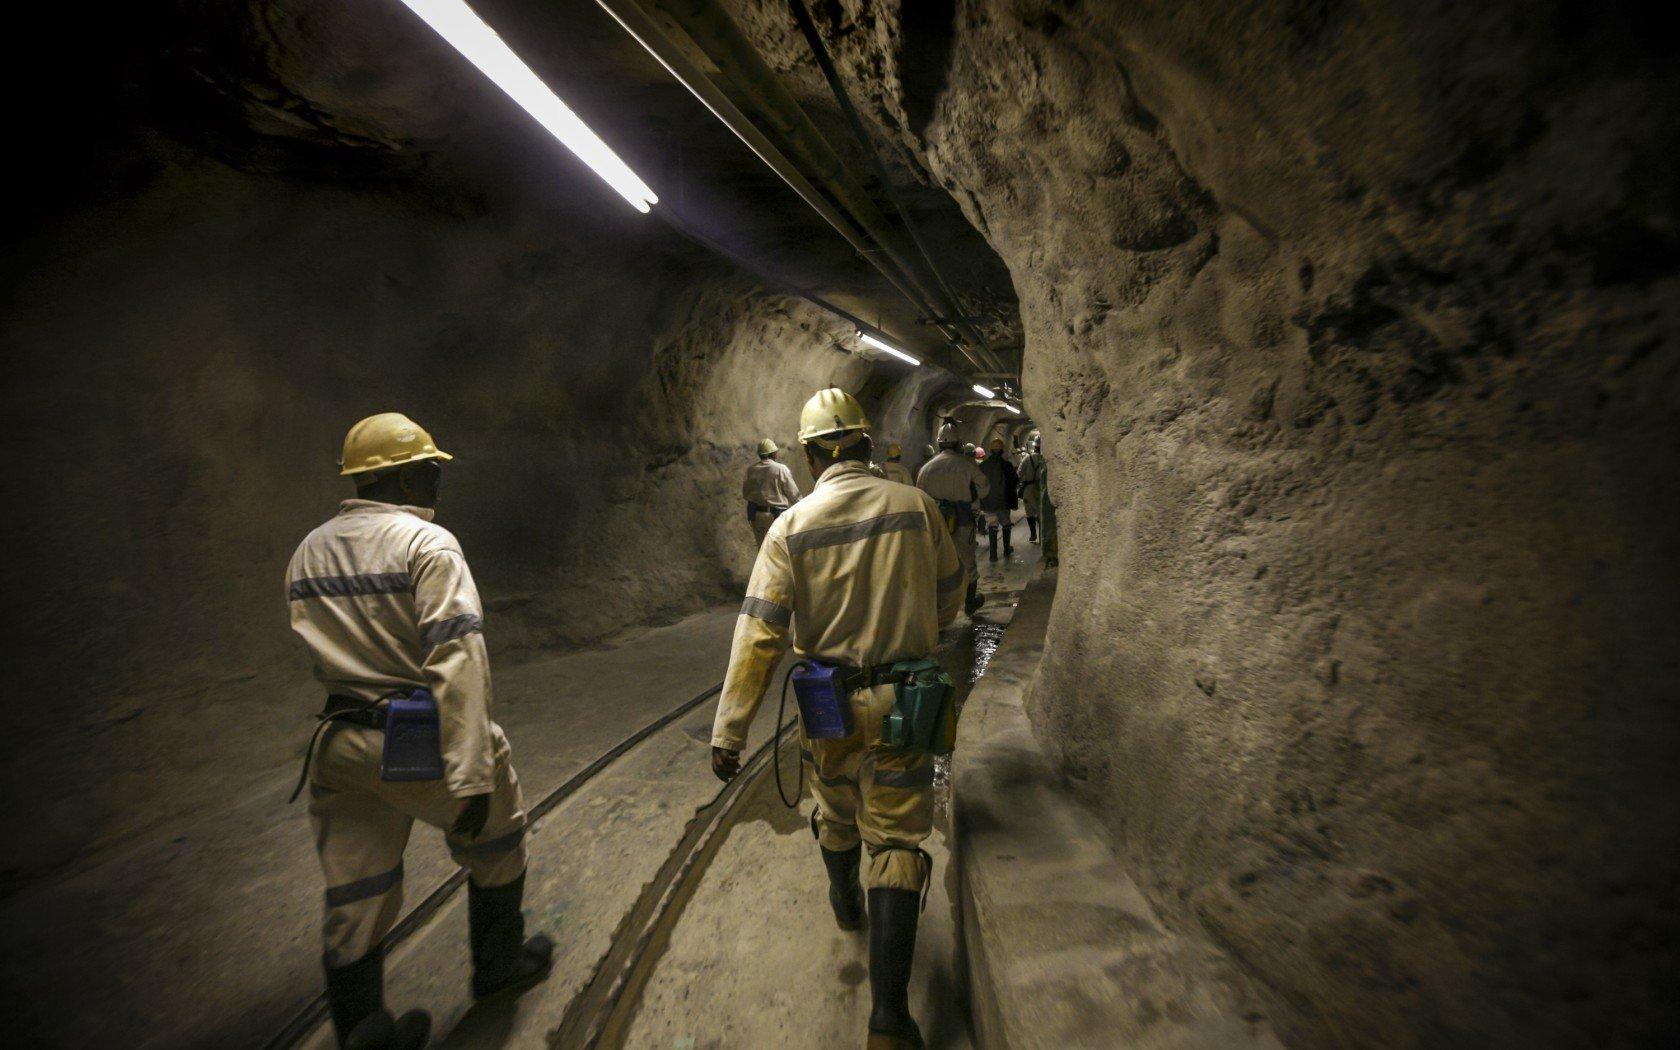 В Польше погиб человек при землетрясении в шахте, Польша, Гибель, Шахта